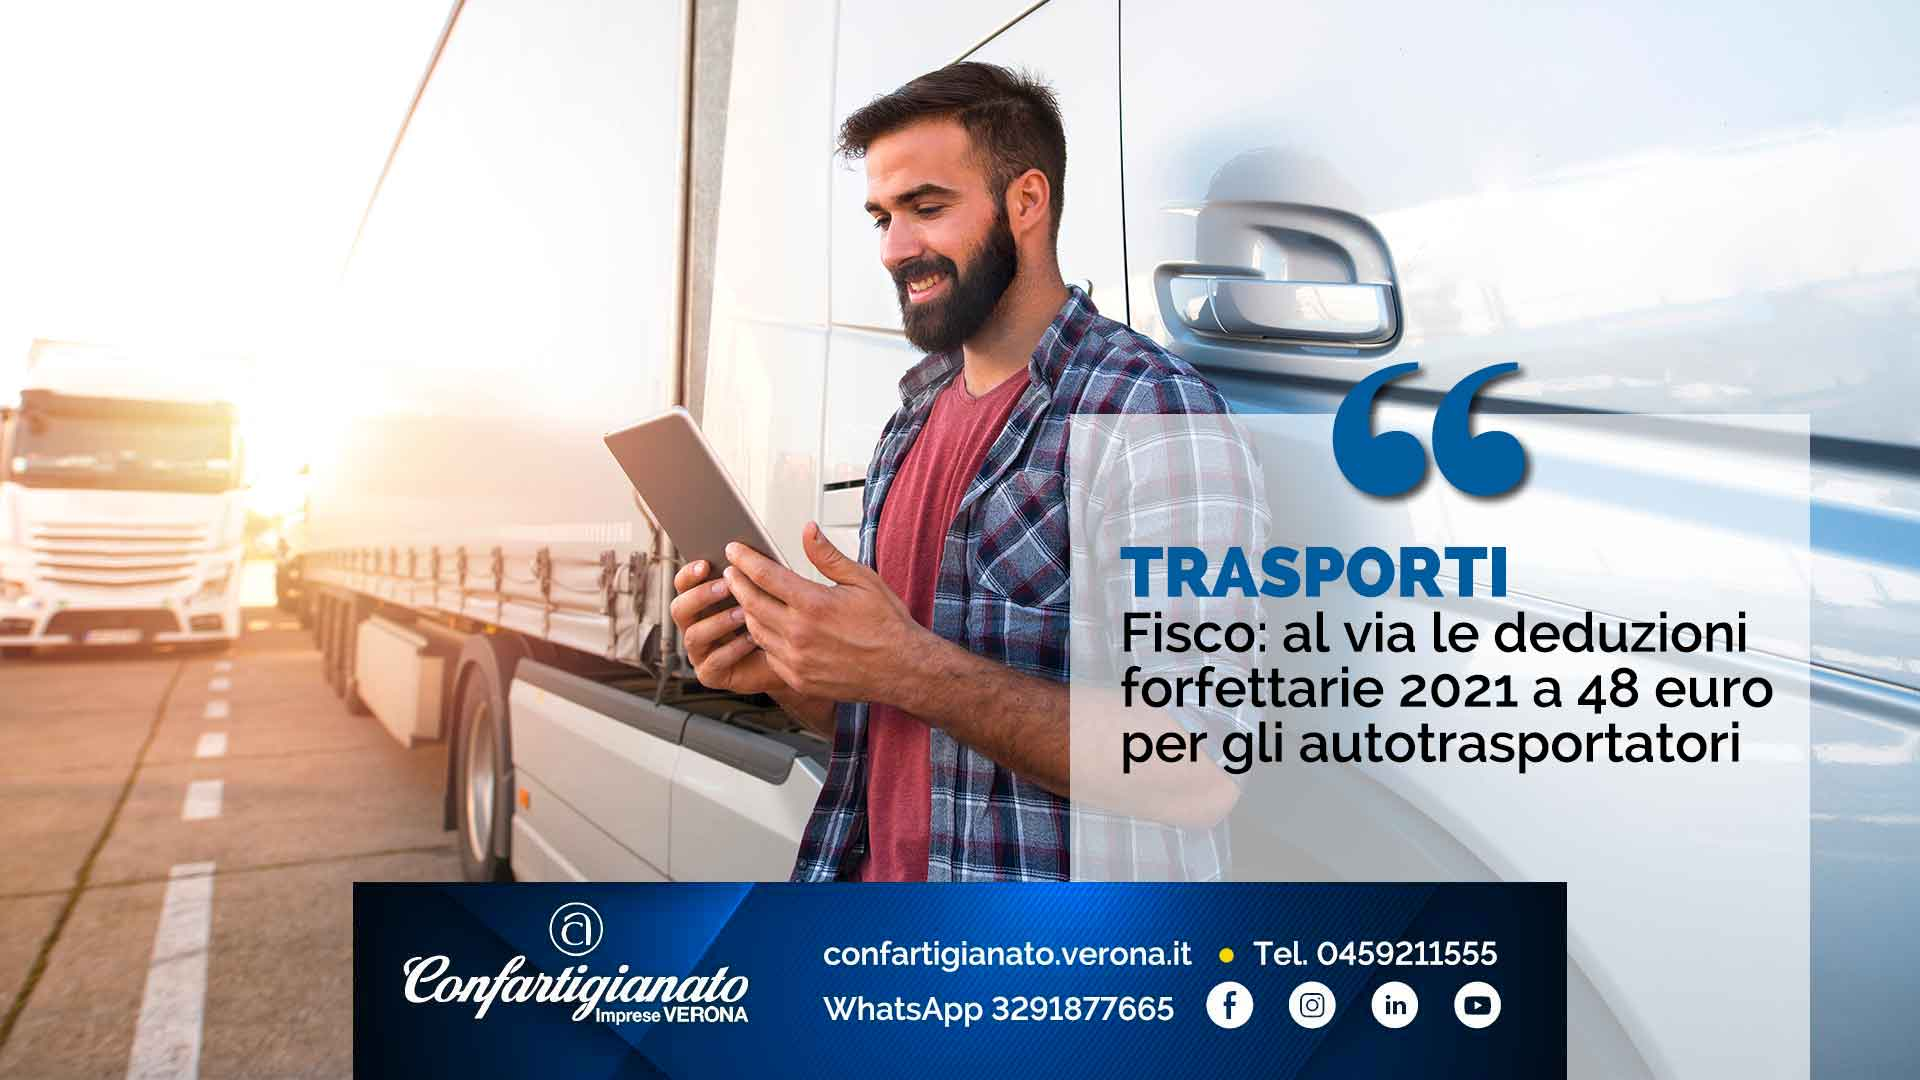 TRASPORTI – Fisco: al via le deduzioni forfettarie 2021 a 48 euro per gli autotrasportatori